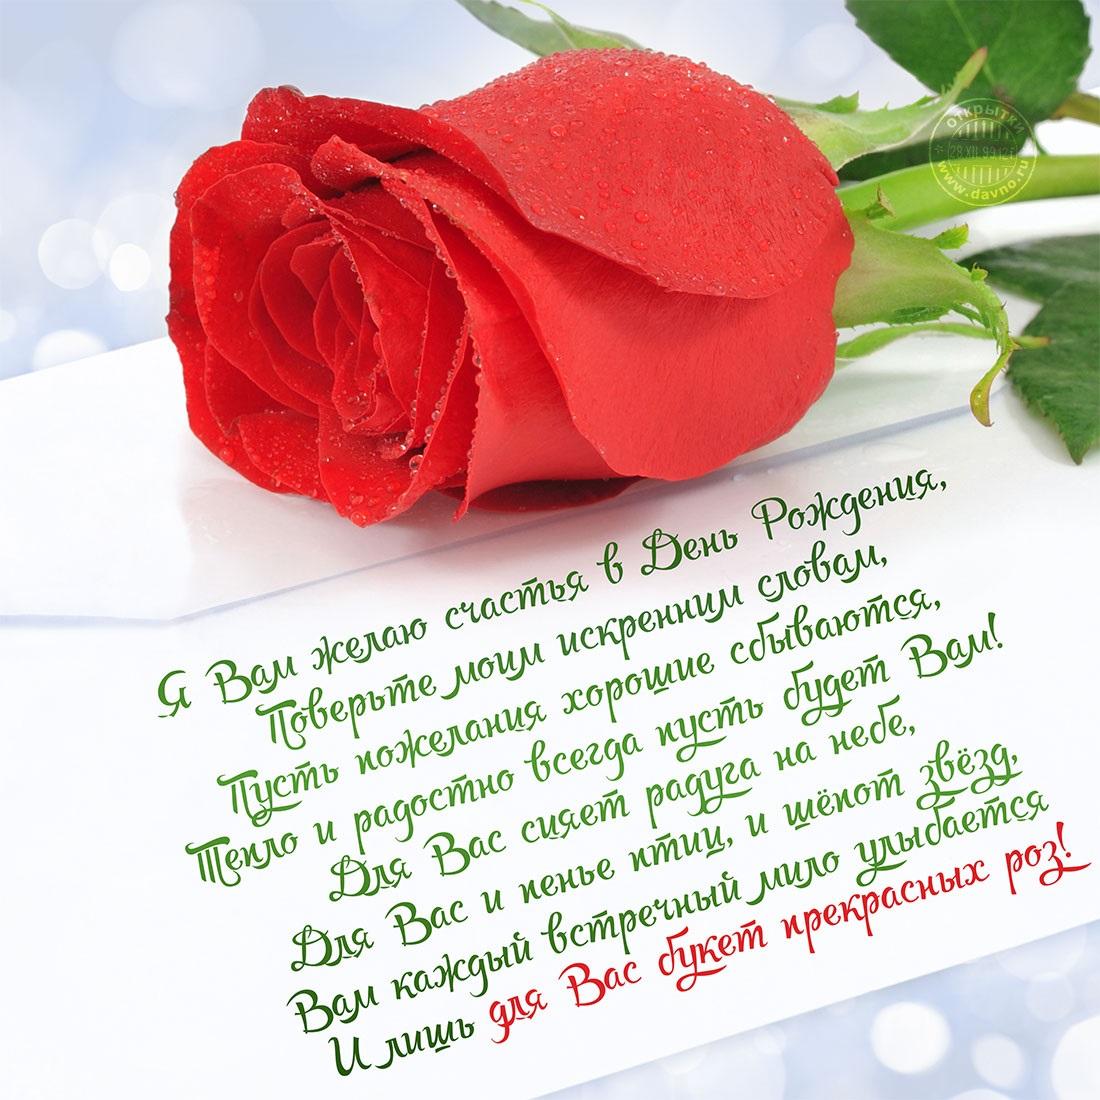 Скачать красивую открытку с юбилеем женщине с пожеланиями 14